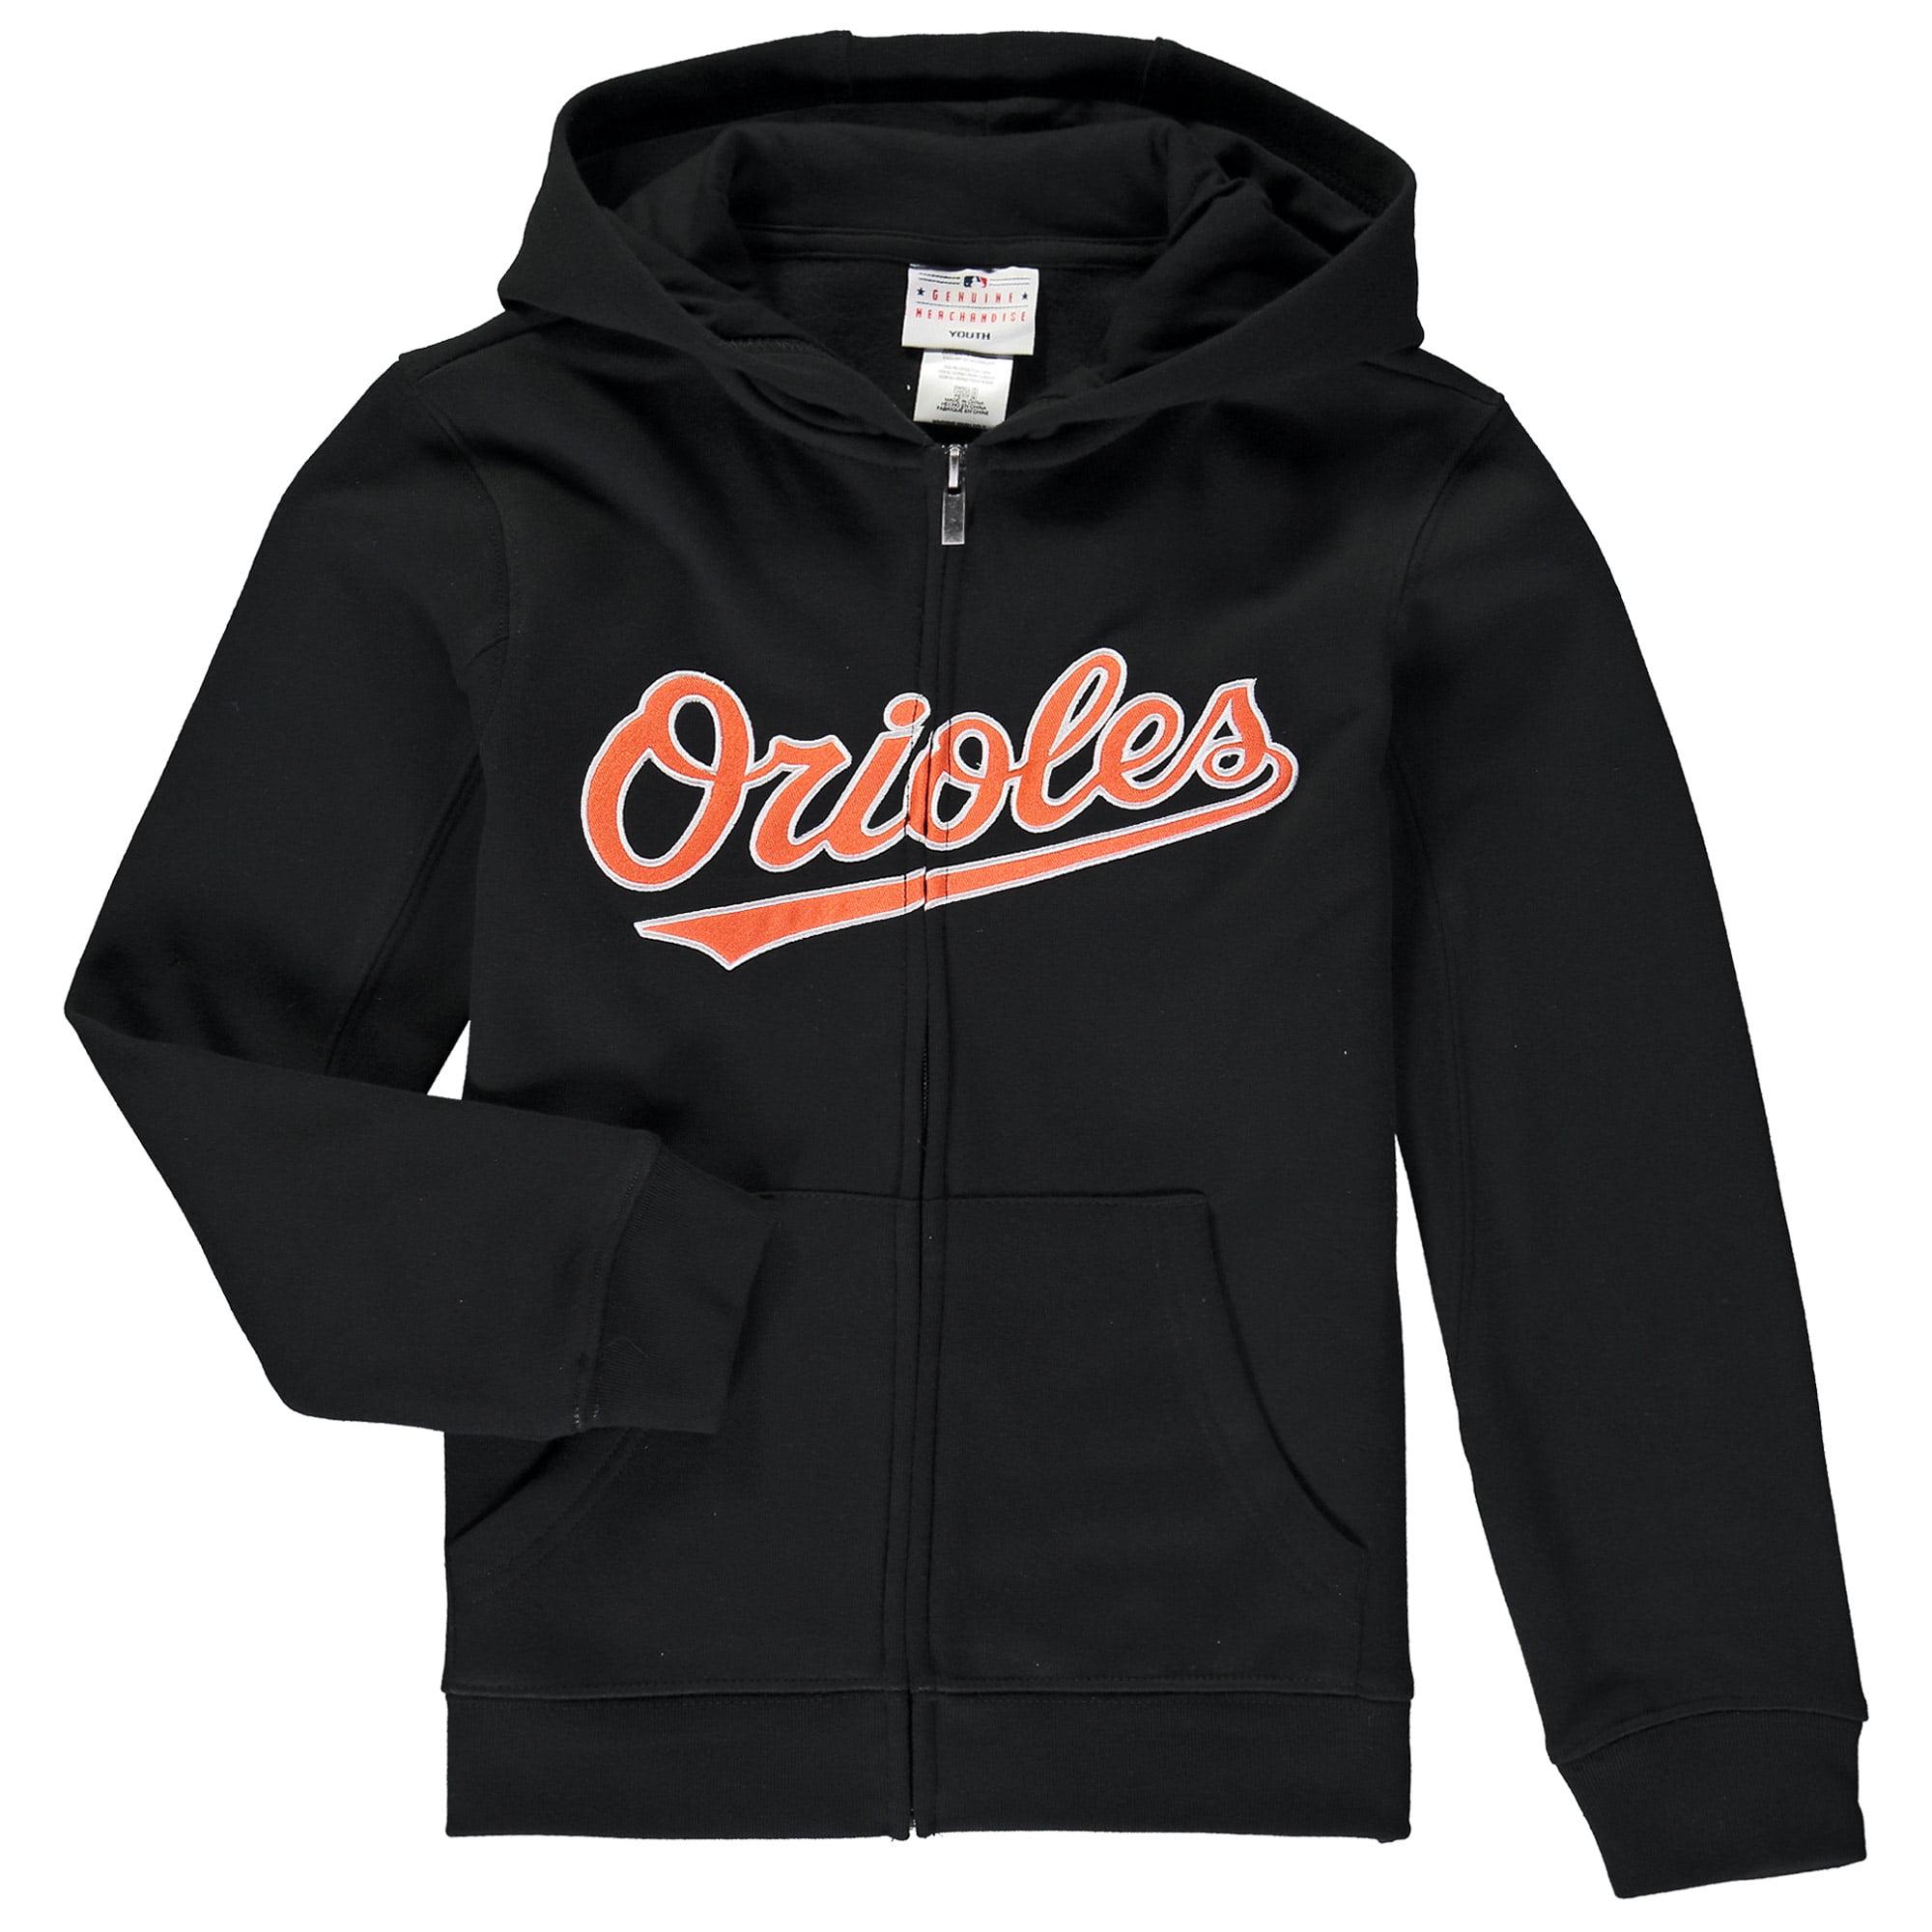 Baltimore Orioles Youth Wordmark Full-Zip Hoodie - Black